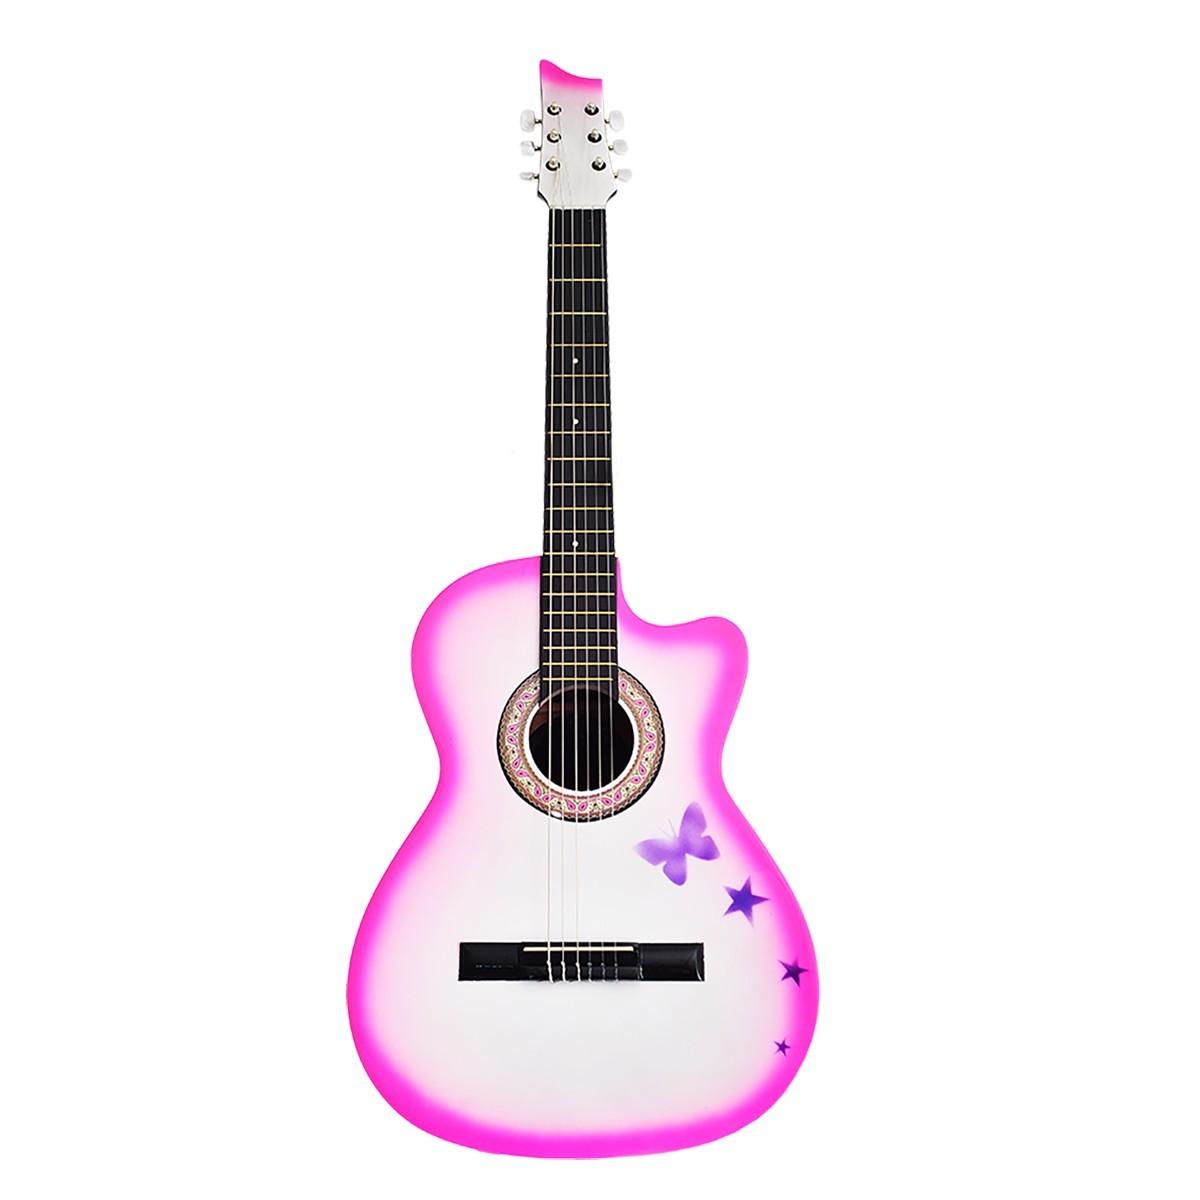 Guitarra acustica la clasica finas maderas asesoria luthier for Guitarras de luthier